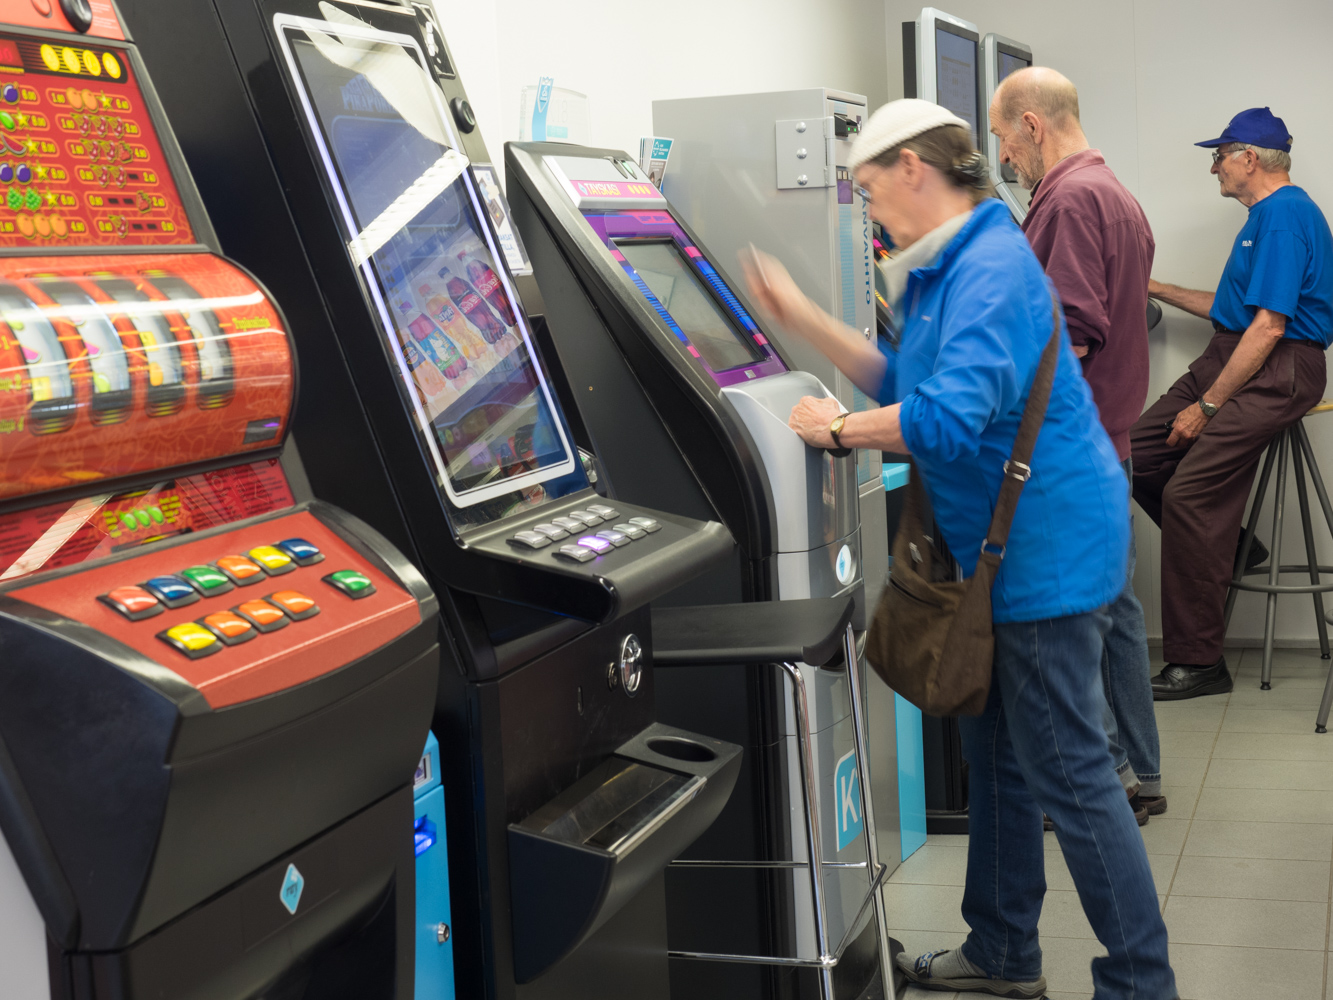 Spielautomaten gibt's in jedem Kiosk oder Supermarkt